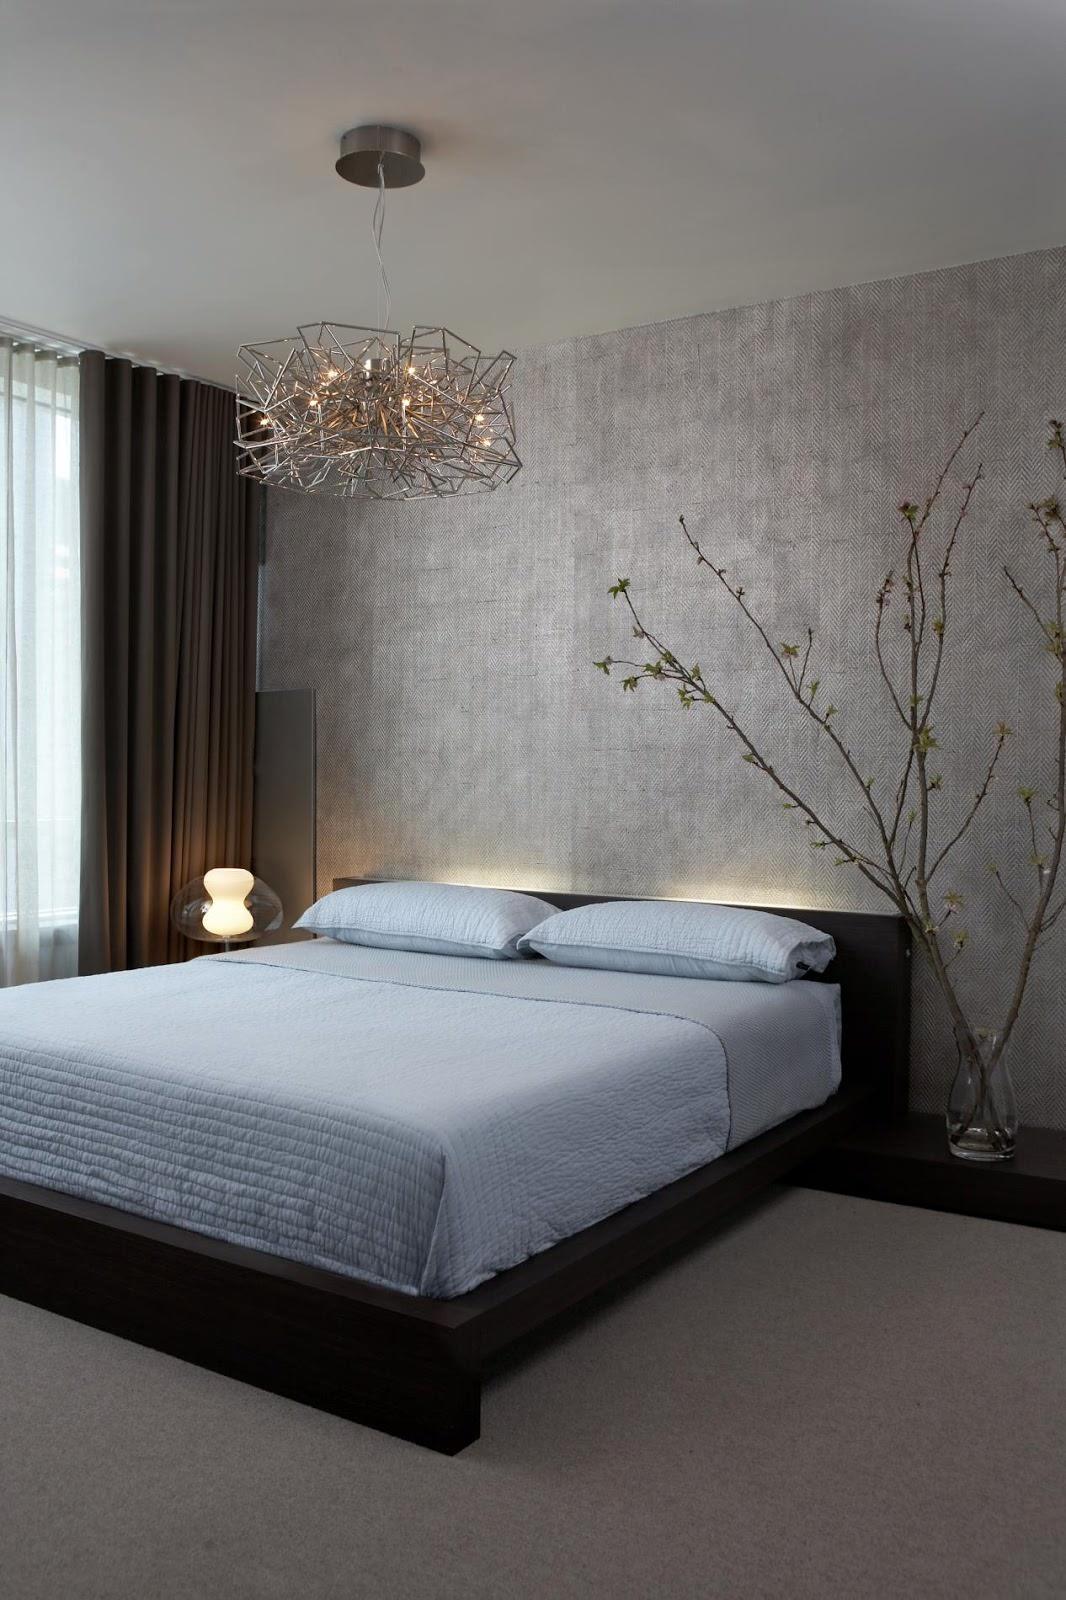 Lampadari In Camera Da Letto illuminazione camera da letto • guida & 25 idee per